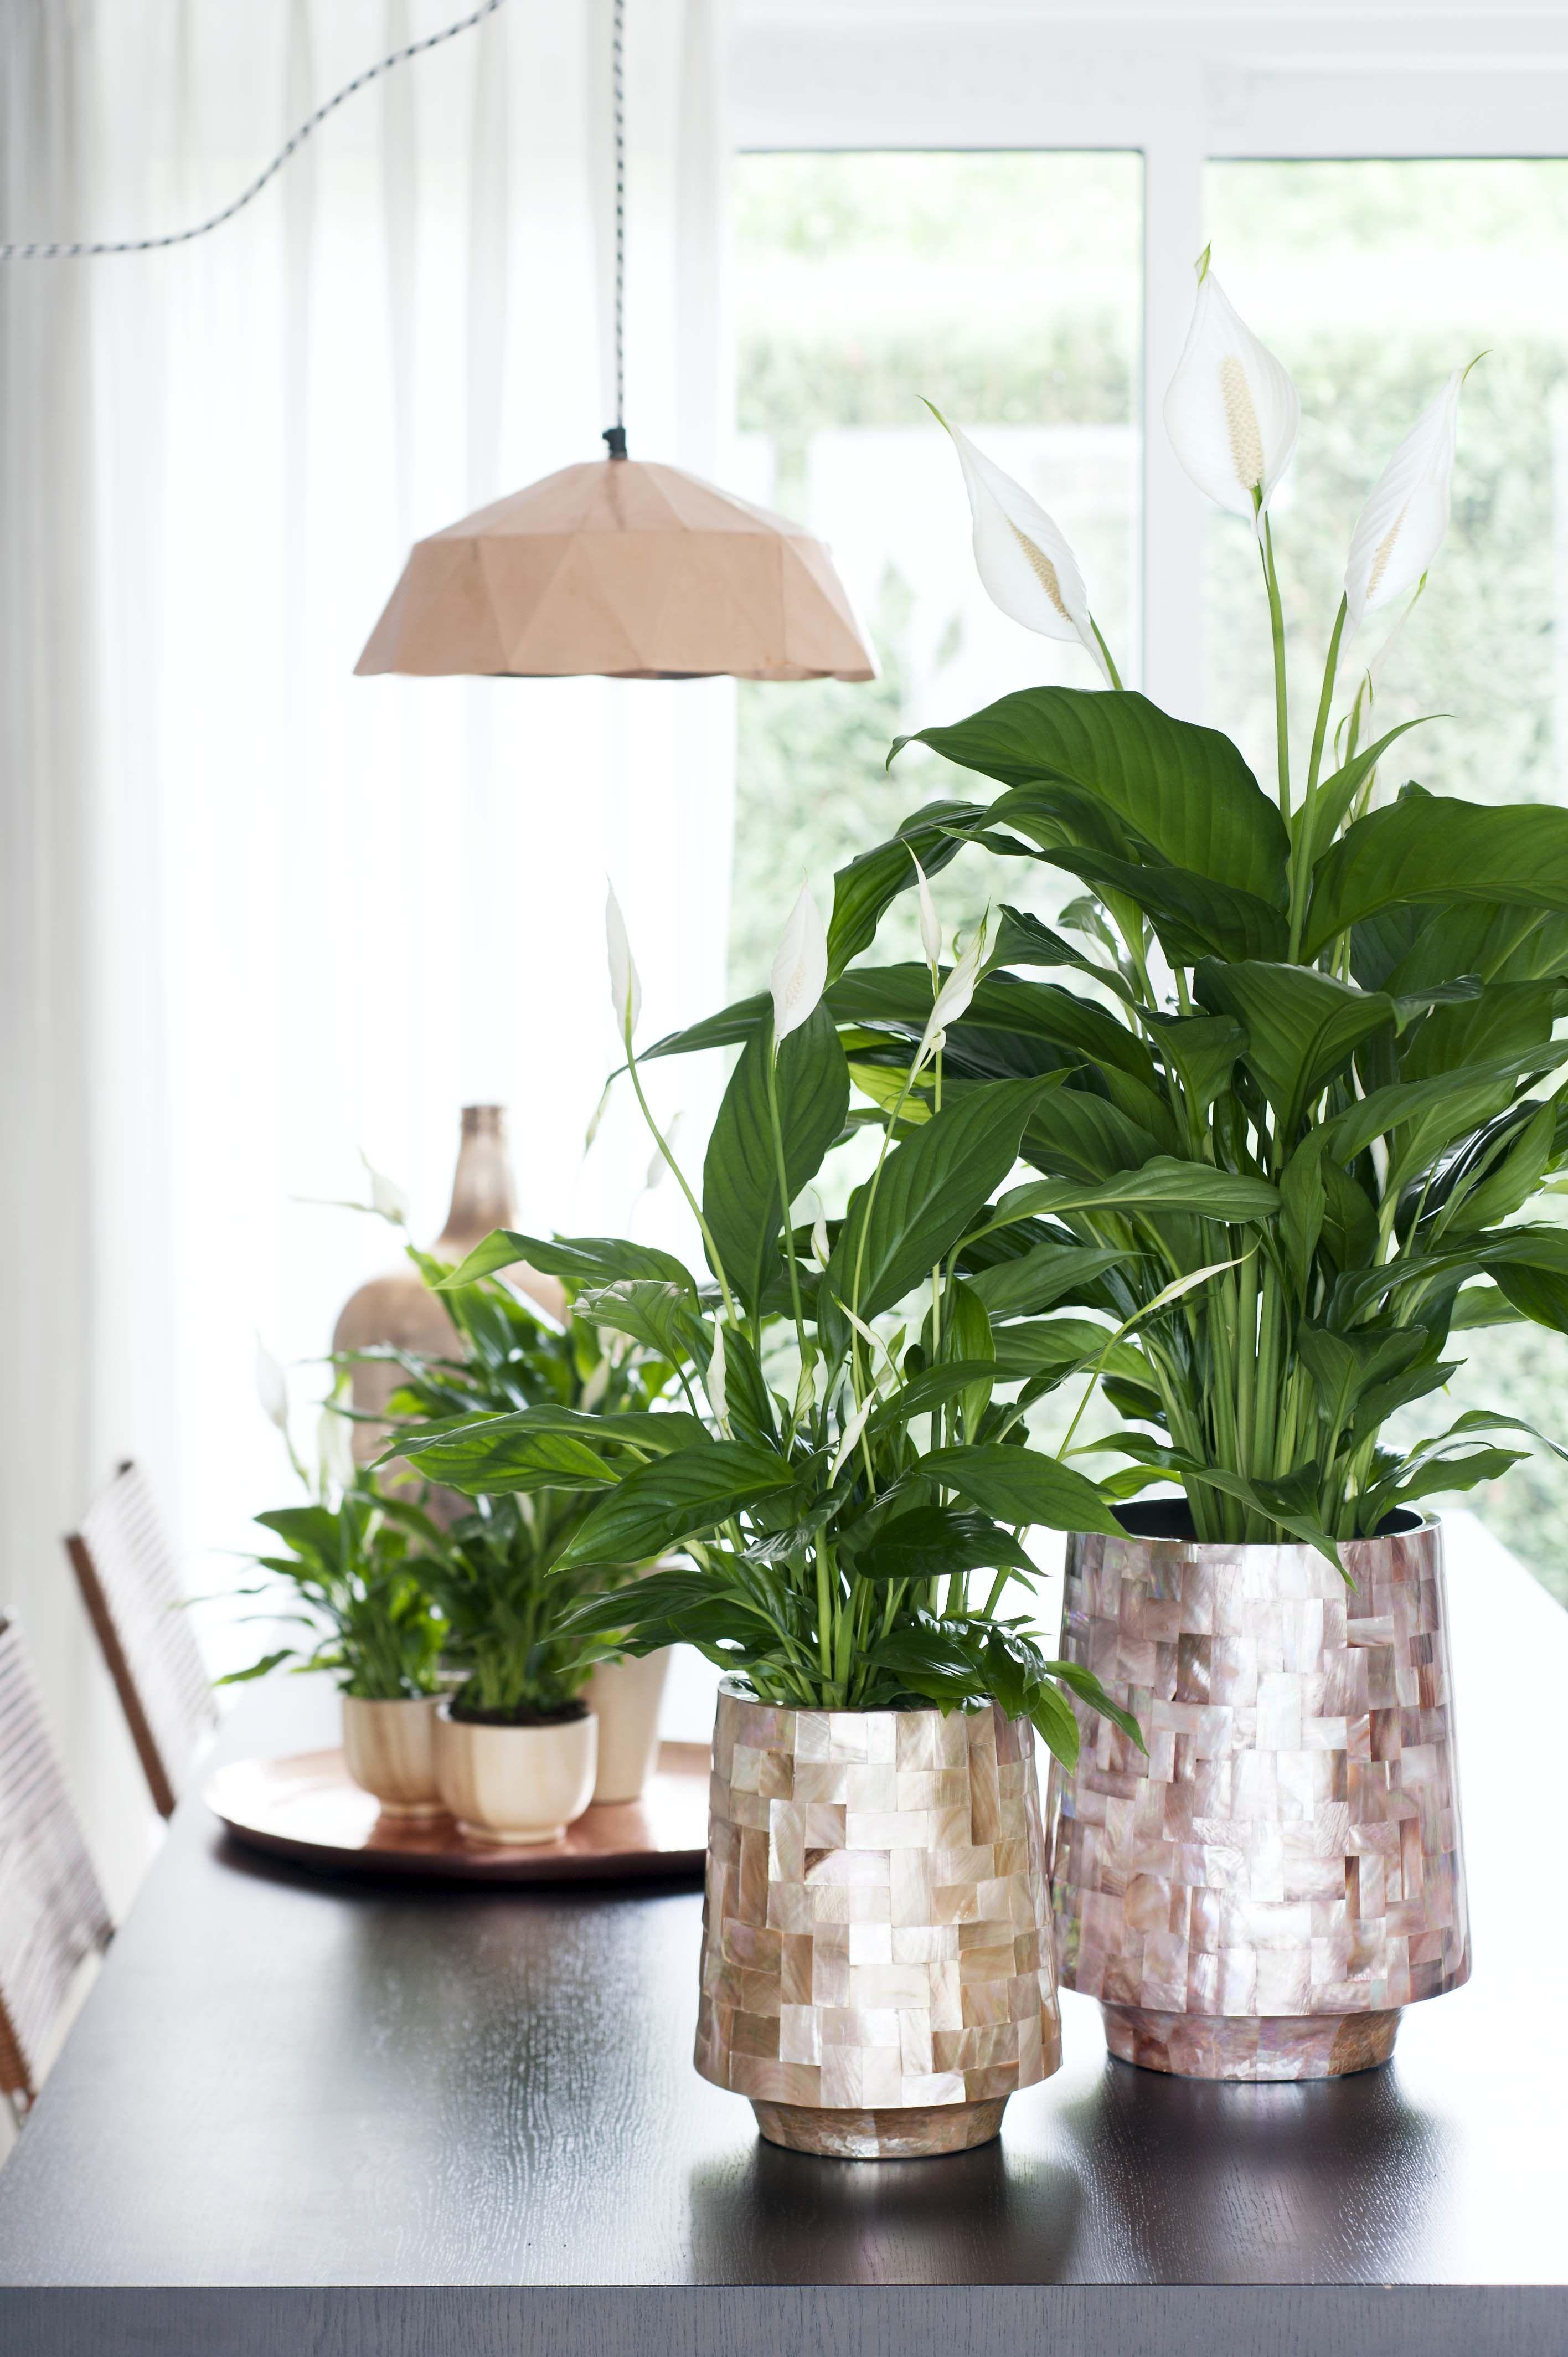 einblatt ist zimmerpflanze des monats juni pflanzen pinterest vasen pflanzen und. Black Bedroom Furniture Sets. Home Design Ideas